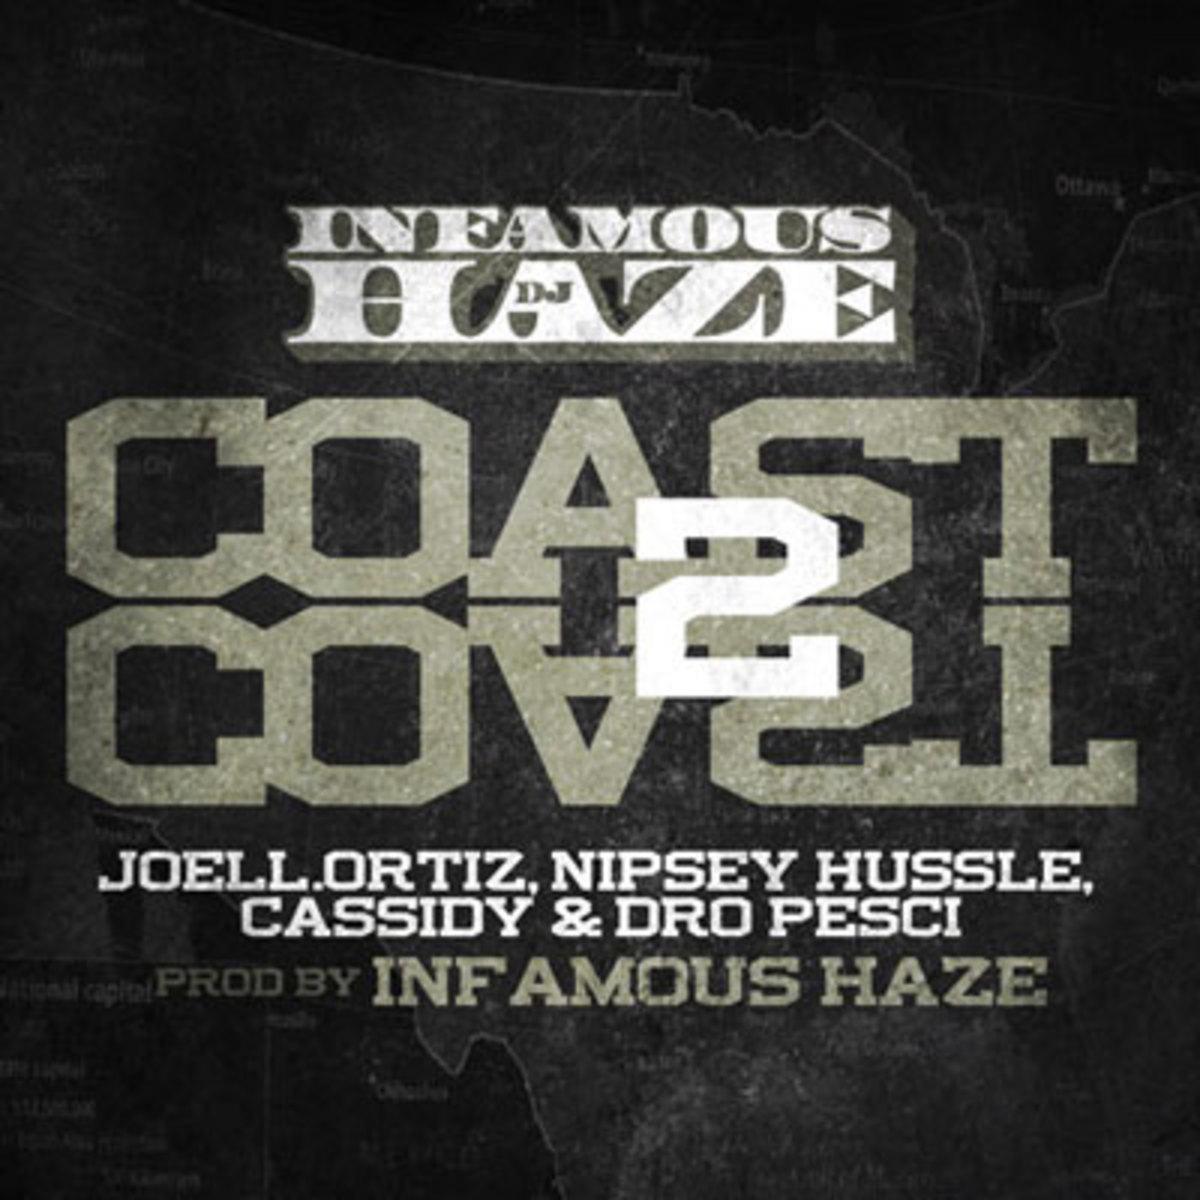 infamoushaze-coast2coast.jpg